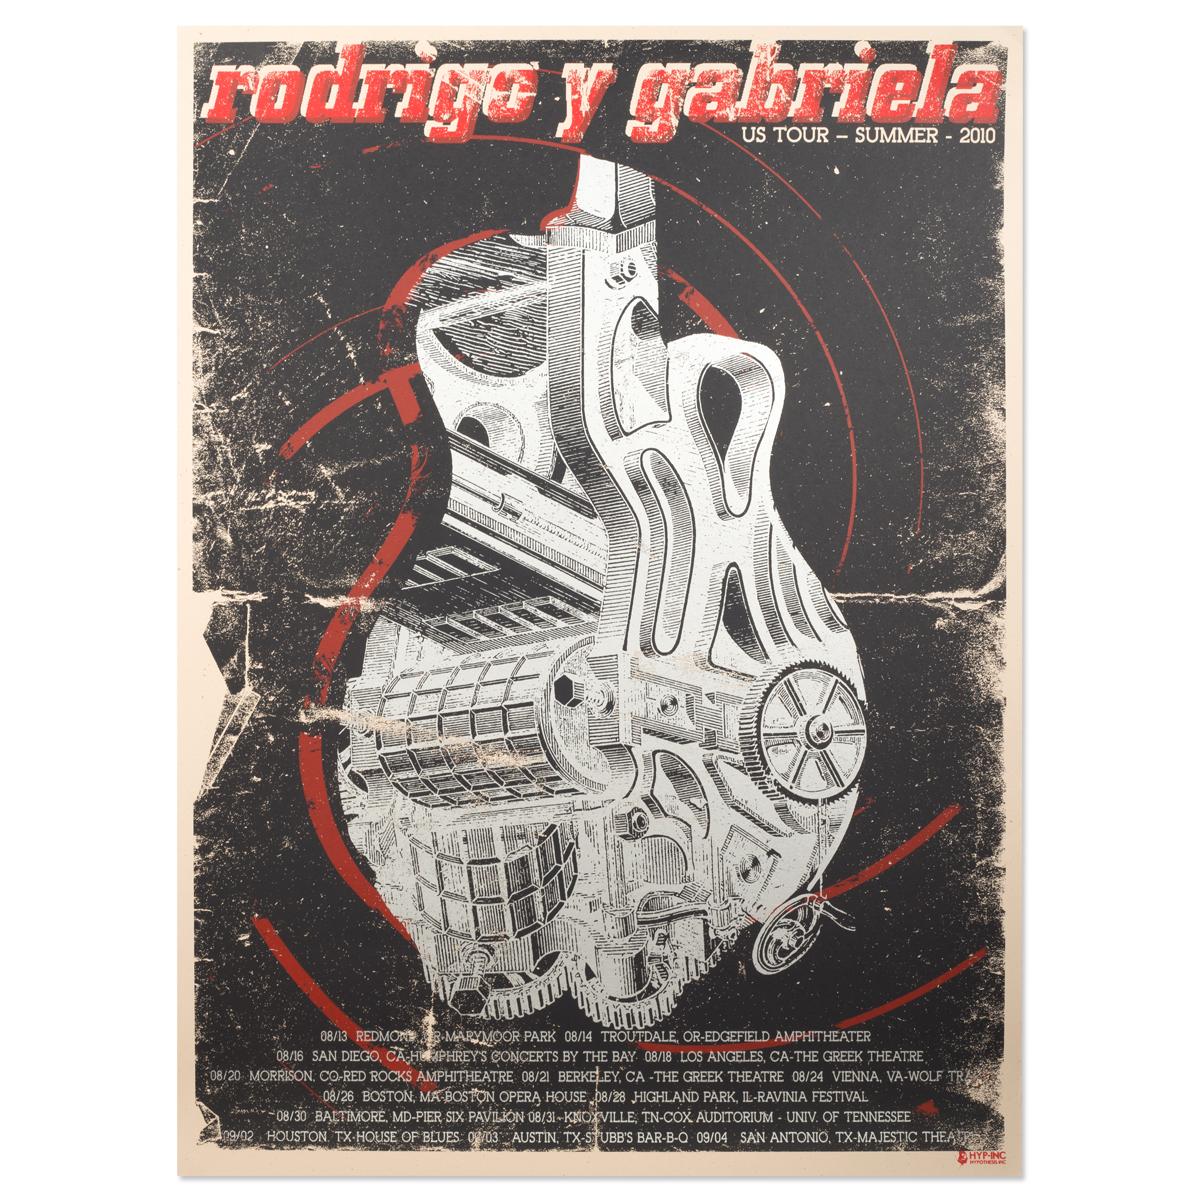 2010 Summer Tour Poster